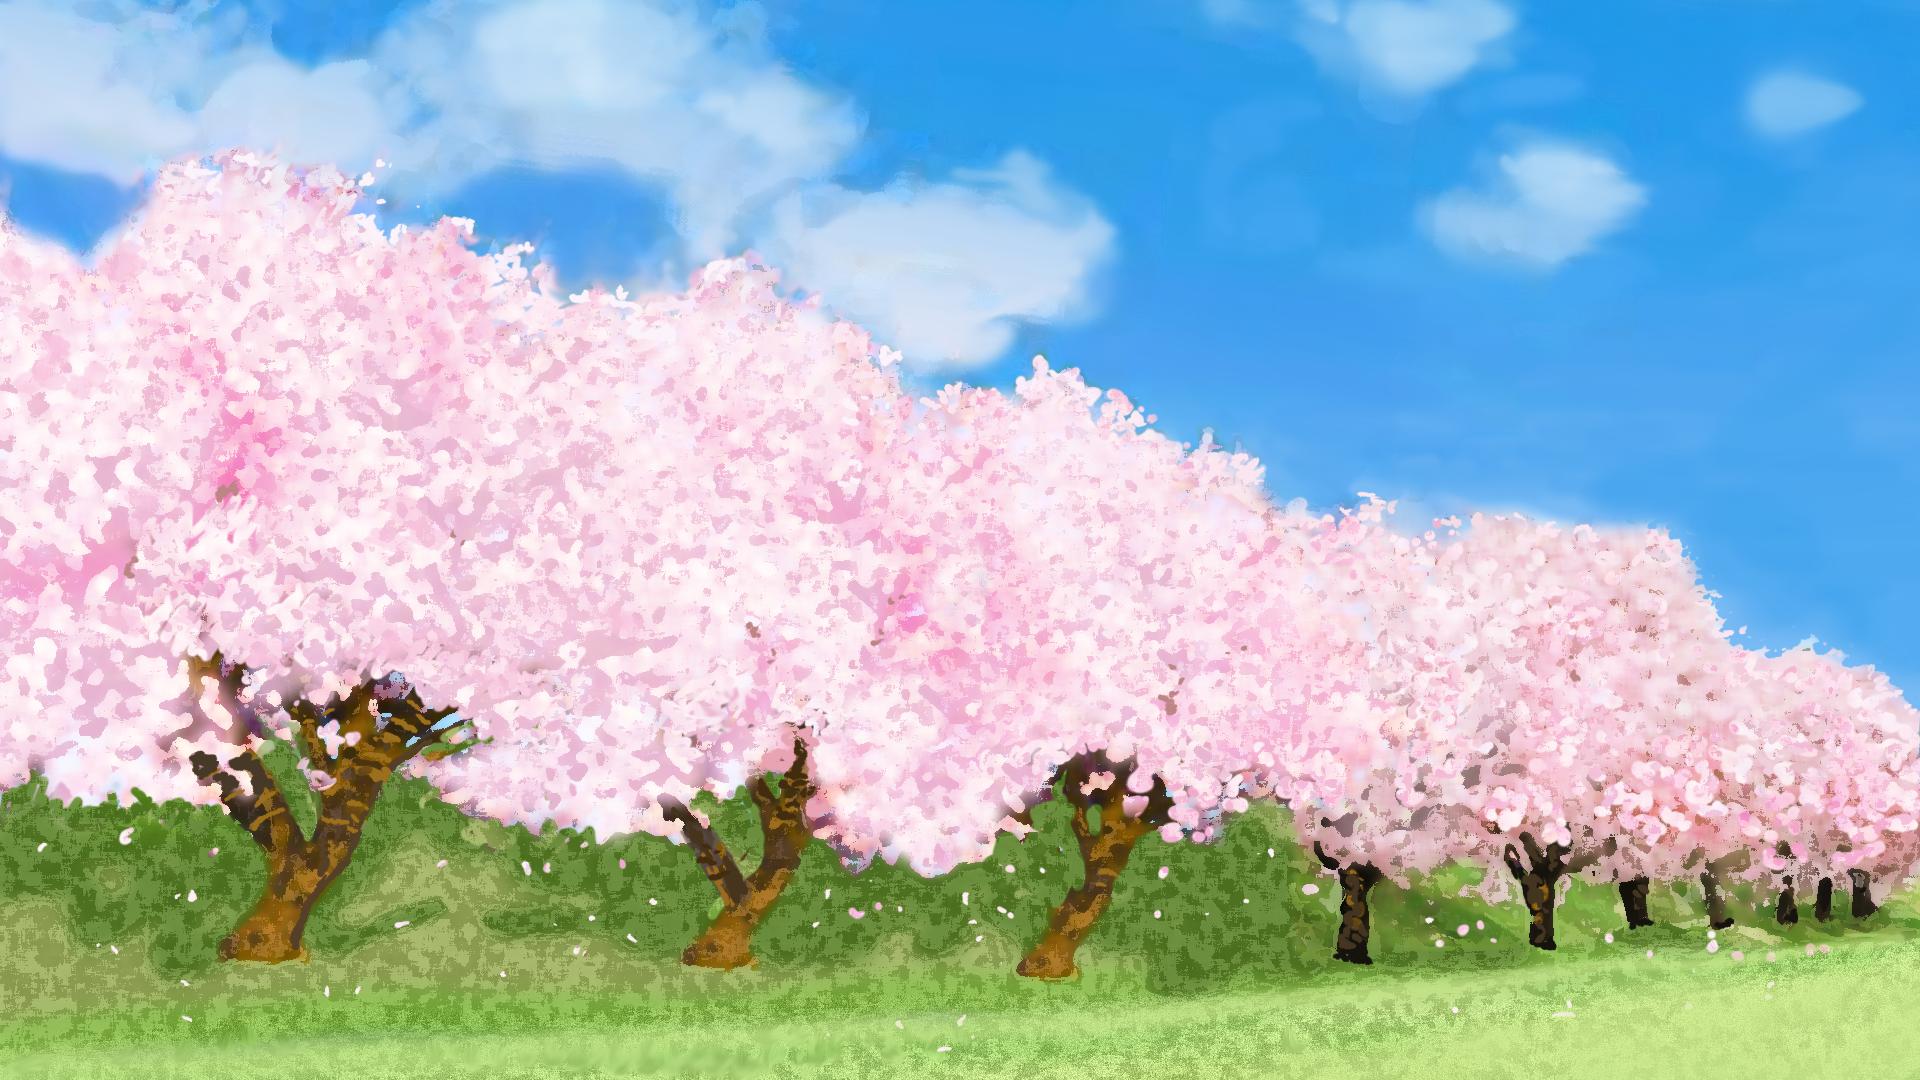 桜並木の背景のイラスト